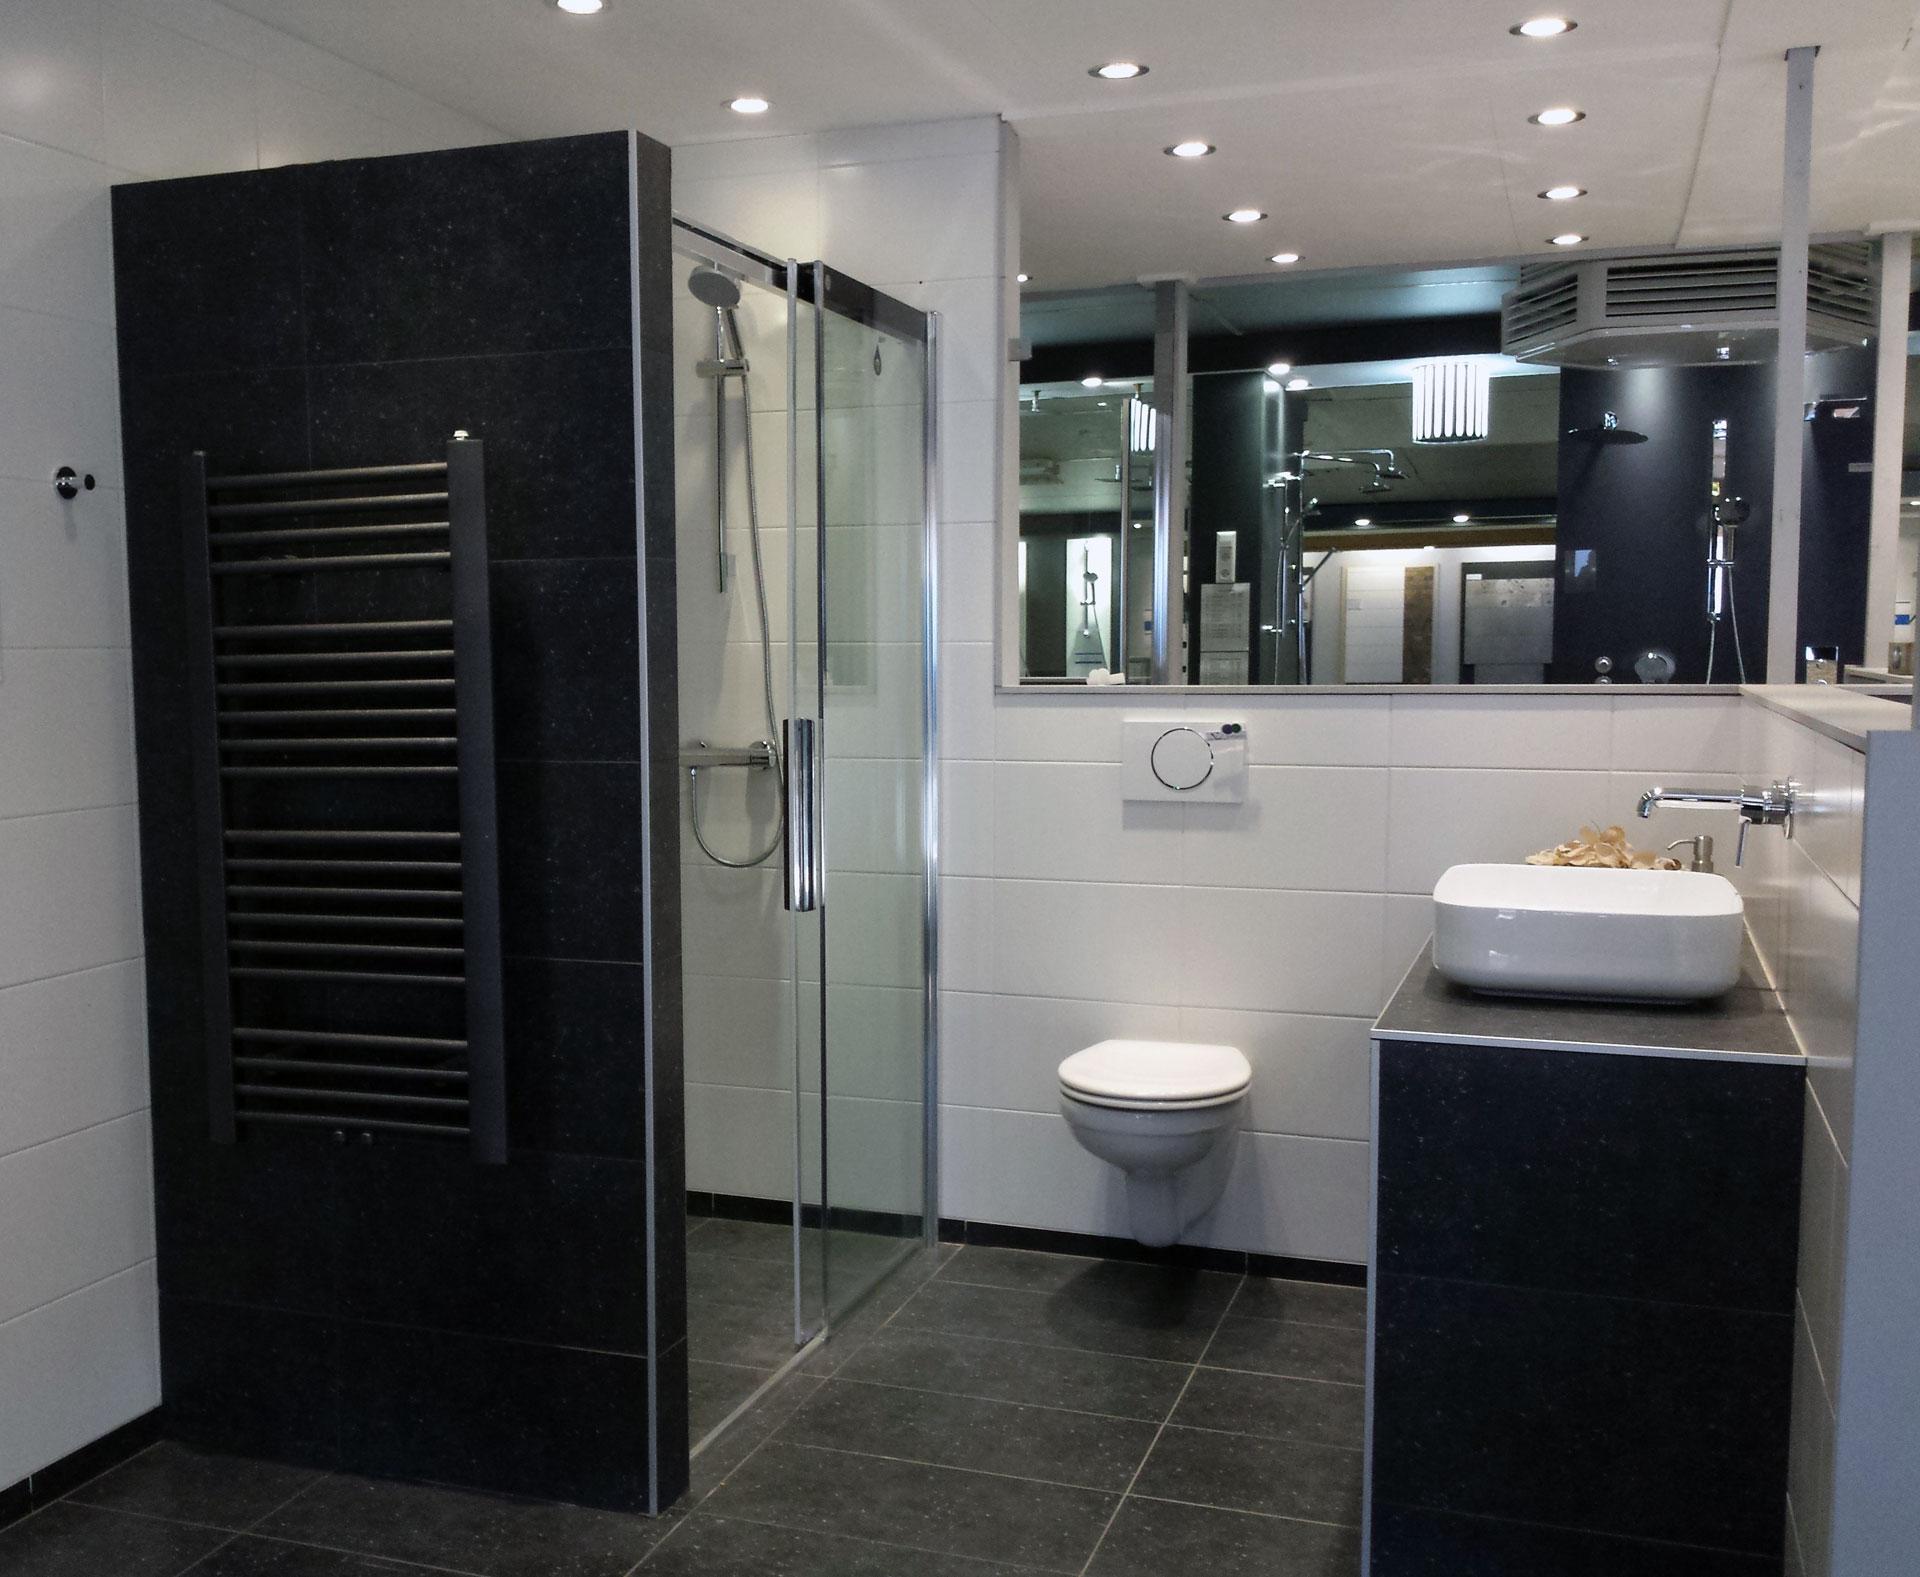 Complete Badkamer Kosten : Wat kost het renoveren van een complete badkamer hetknussehuisje